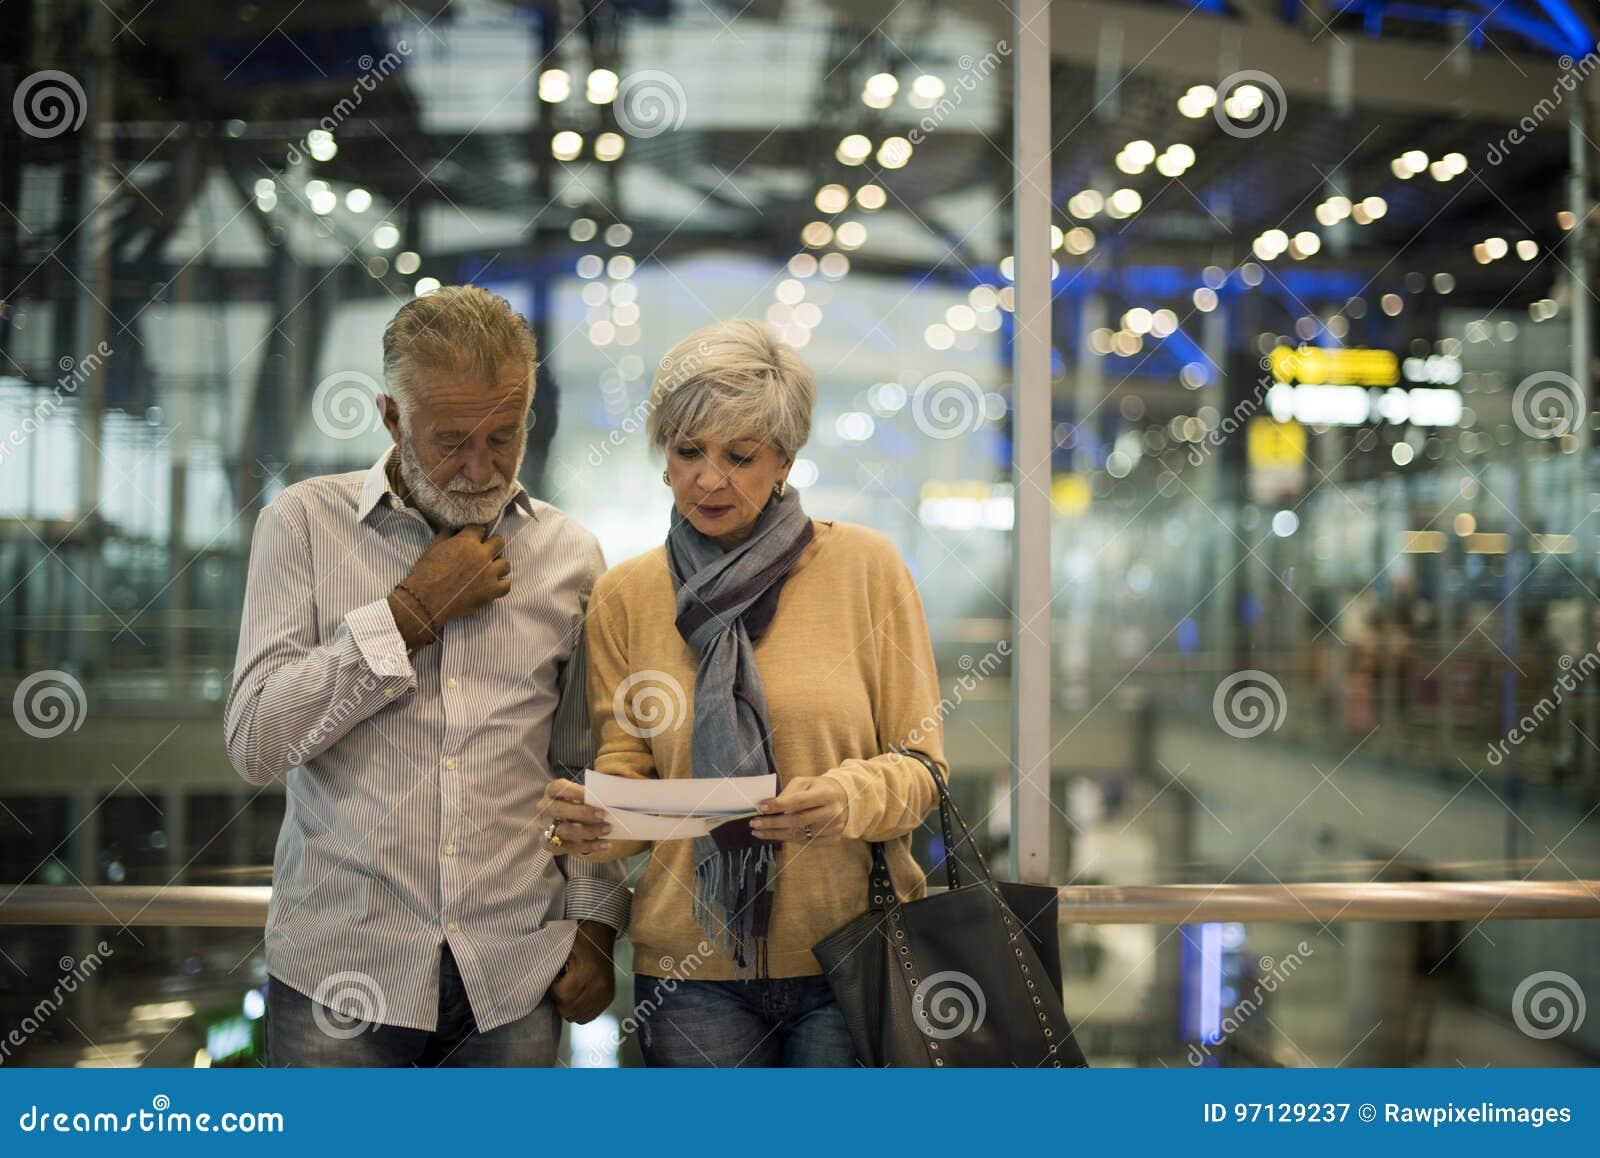 Starsza para podróżuje wpólnie w lotniskowej scenie